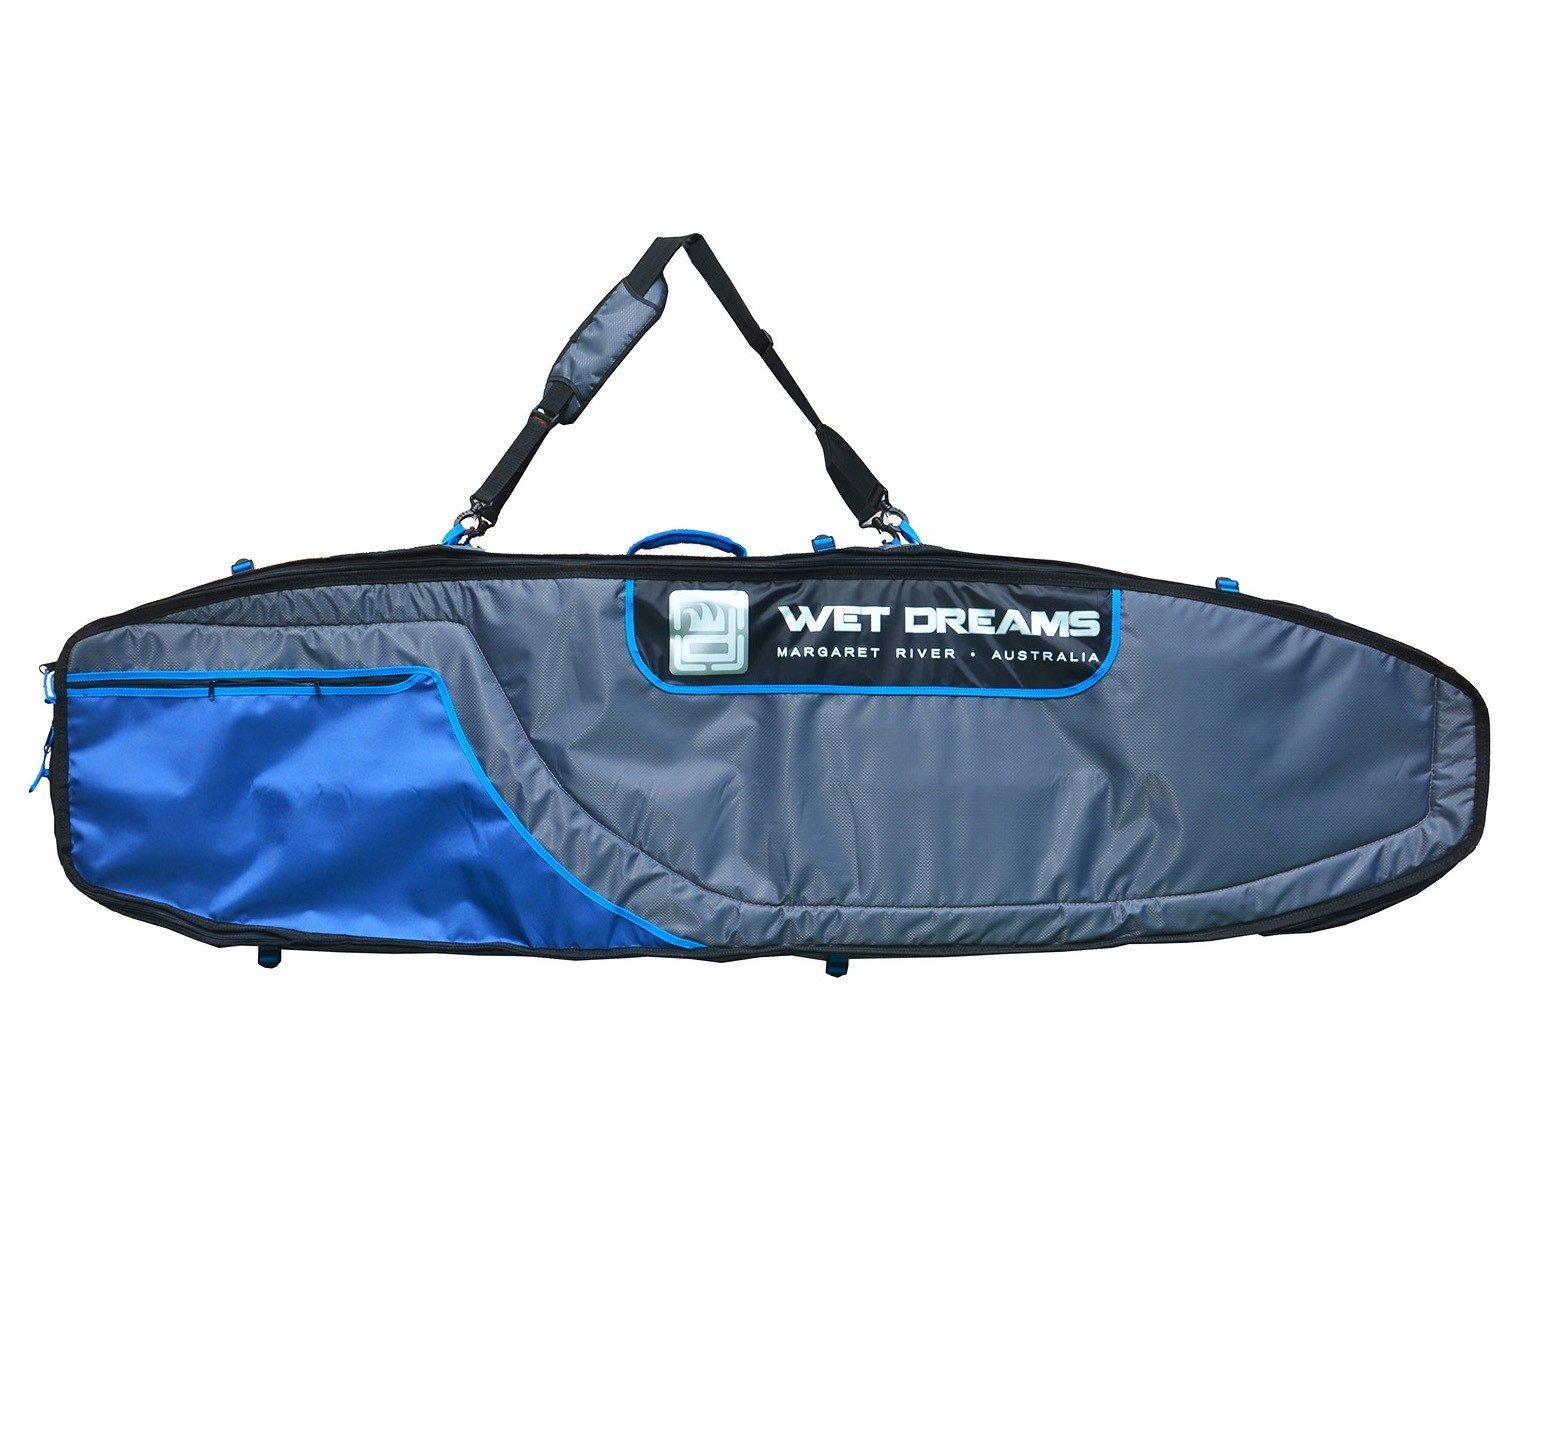 Sarcófago para 4 pranchas de Surf 6'6'' - 2,00m - Wet Dreams   Prancharia